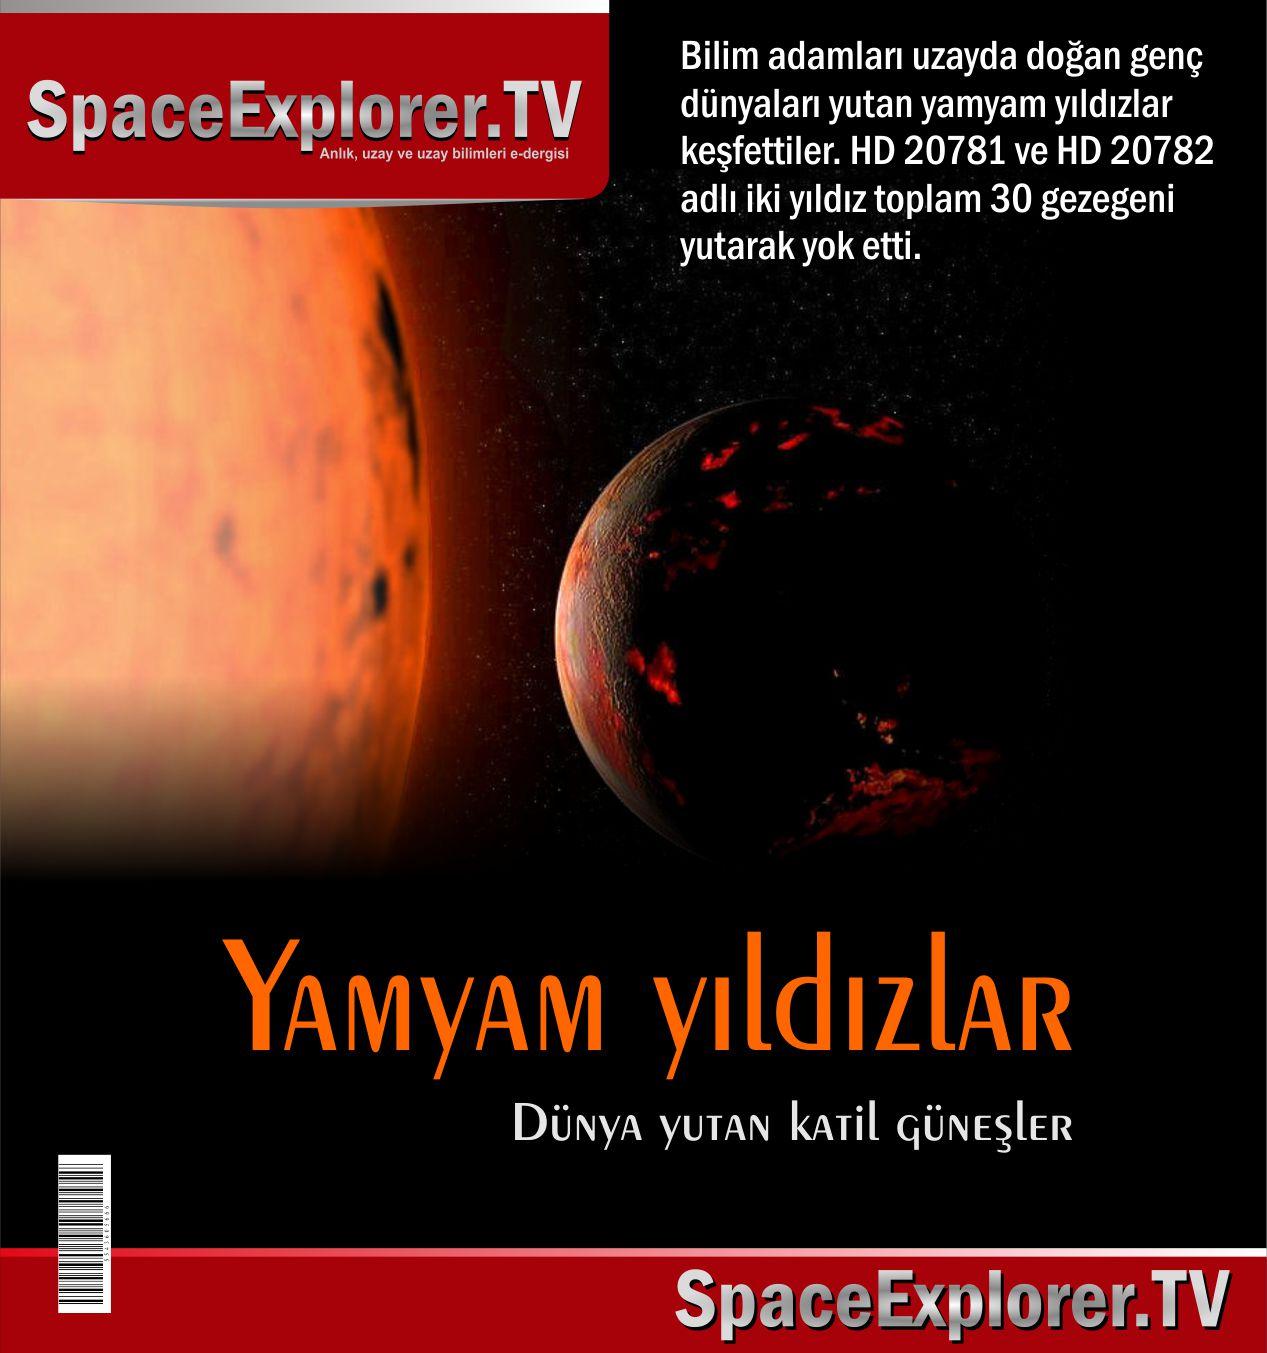 Yamyam yıldızlar, Yıldızlar, Kırmızı Cüce Yıldızı, Güneş enerjisi, Güneşler, Galaksiler, Çift yıldız sistemleri, HD 20781, HD 20782, Space Explorer,